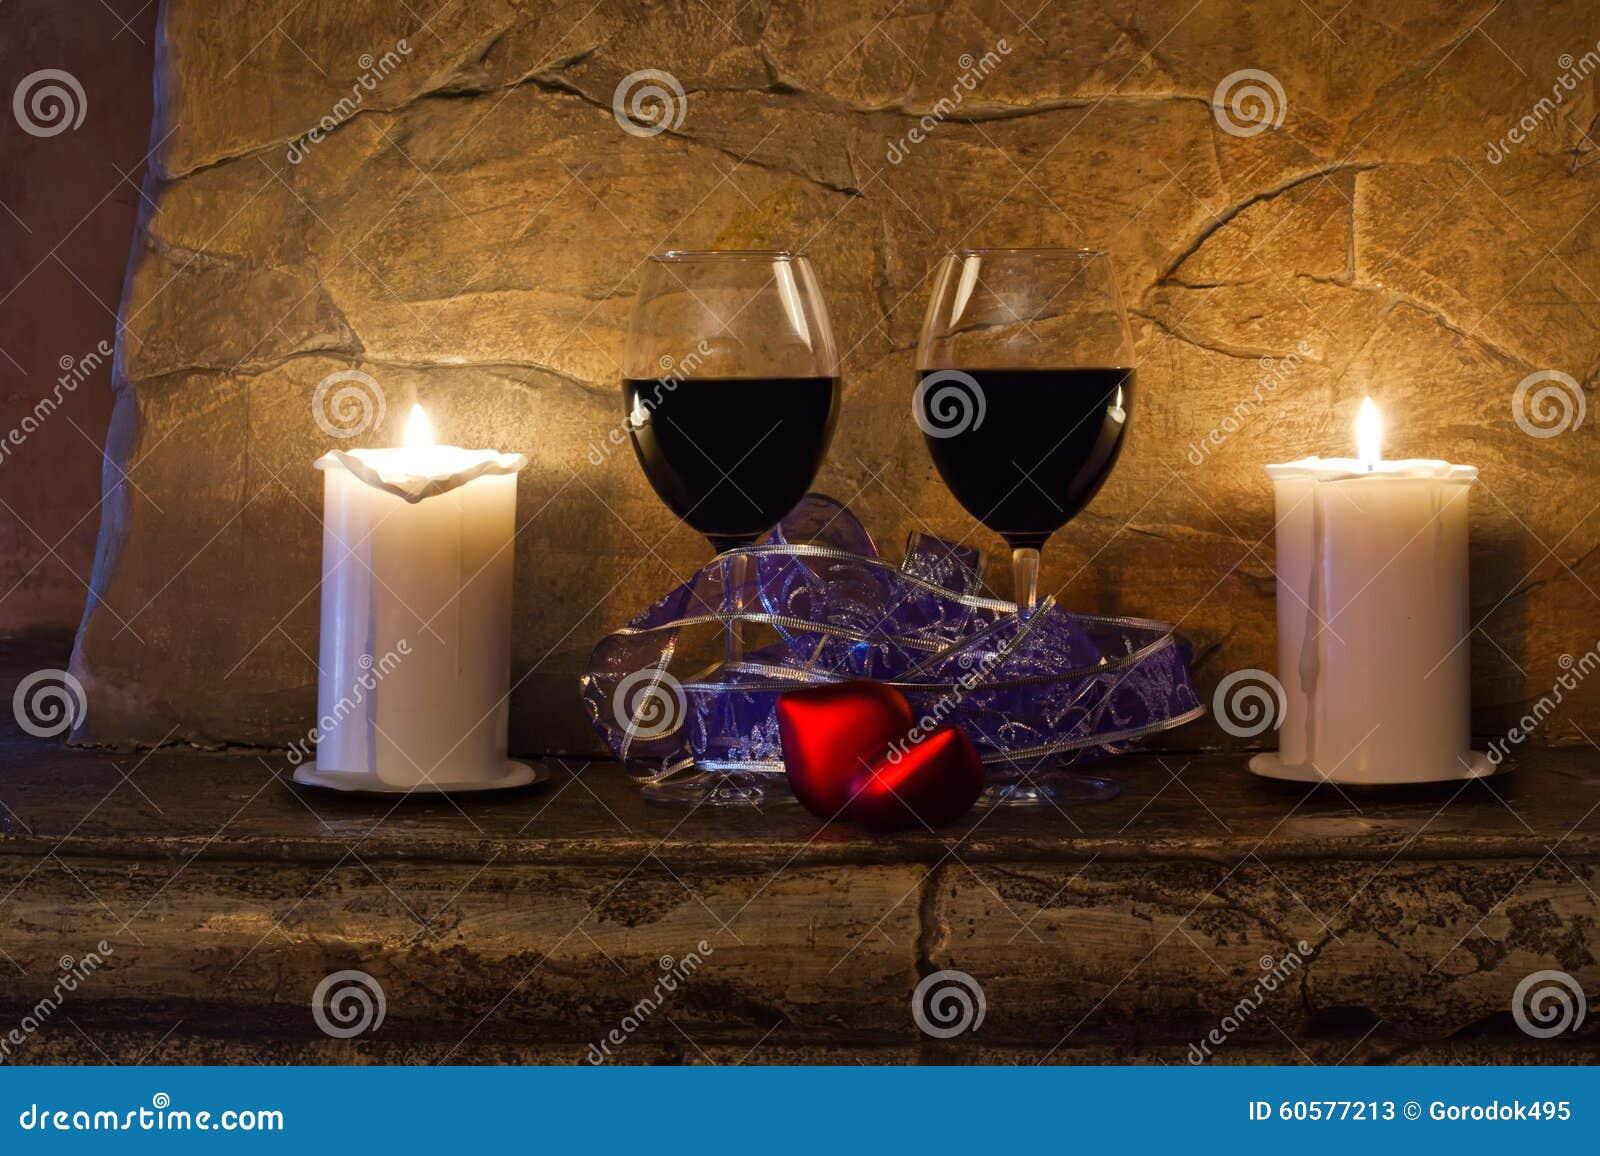 zwei gl ser wein kerze und rotes herz des teddyb ren auf steinwandhintergrund rote rose. Black Bedroom Furniture Sets. Home Design Ideas